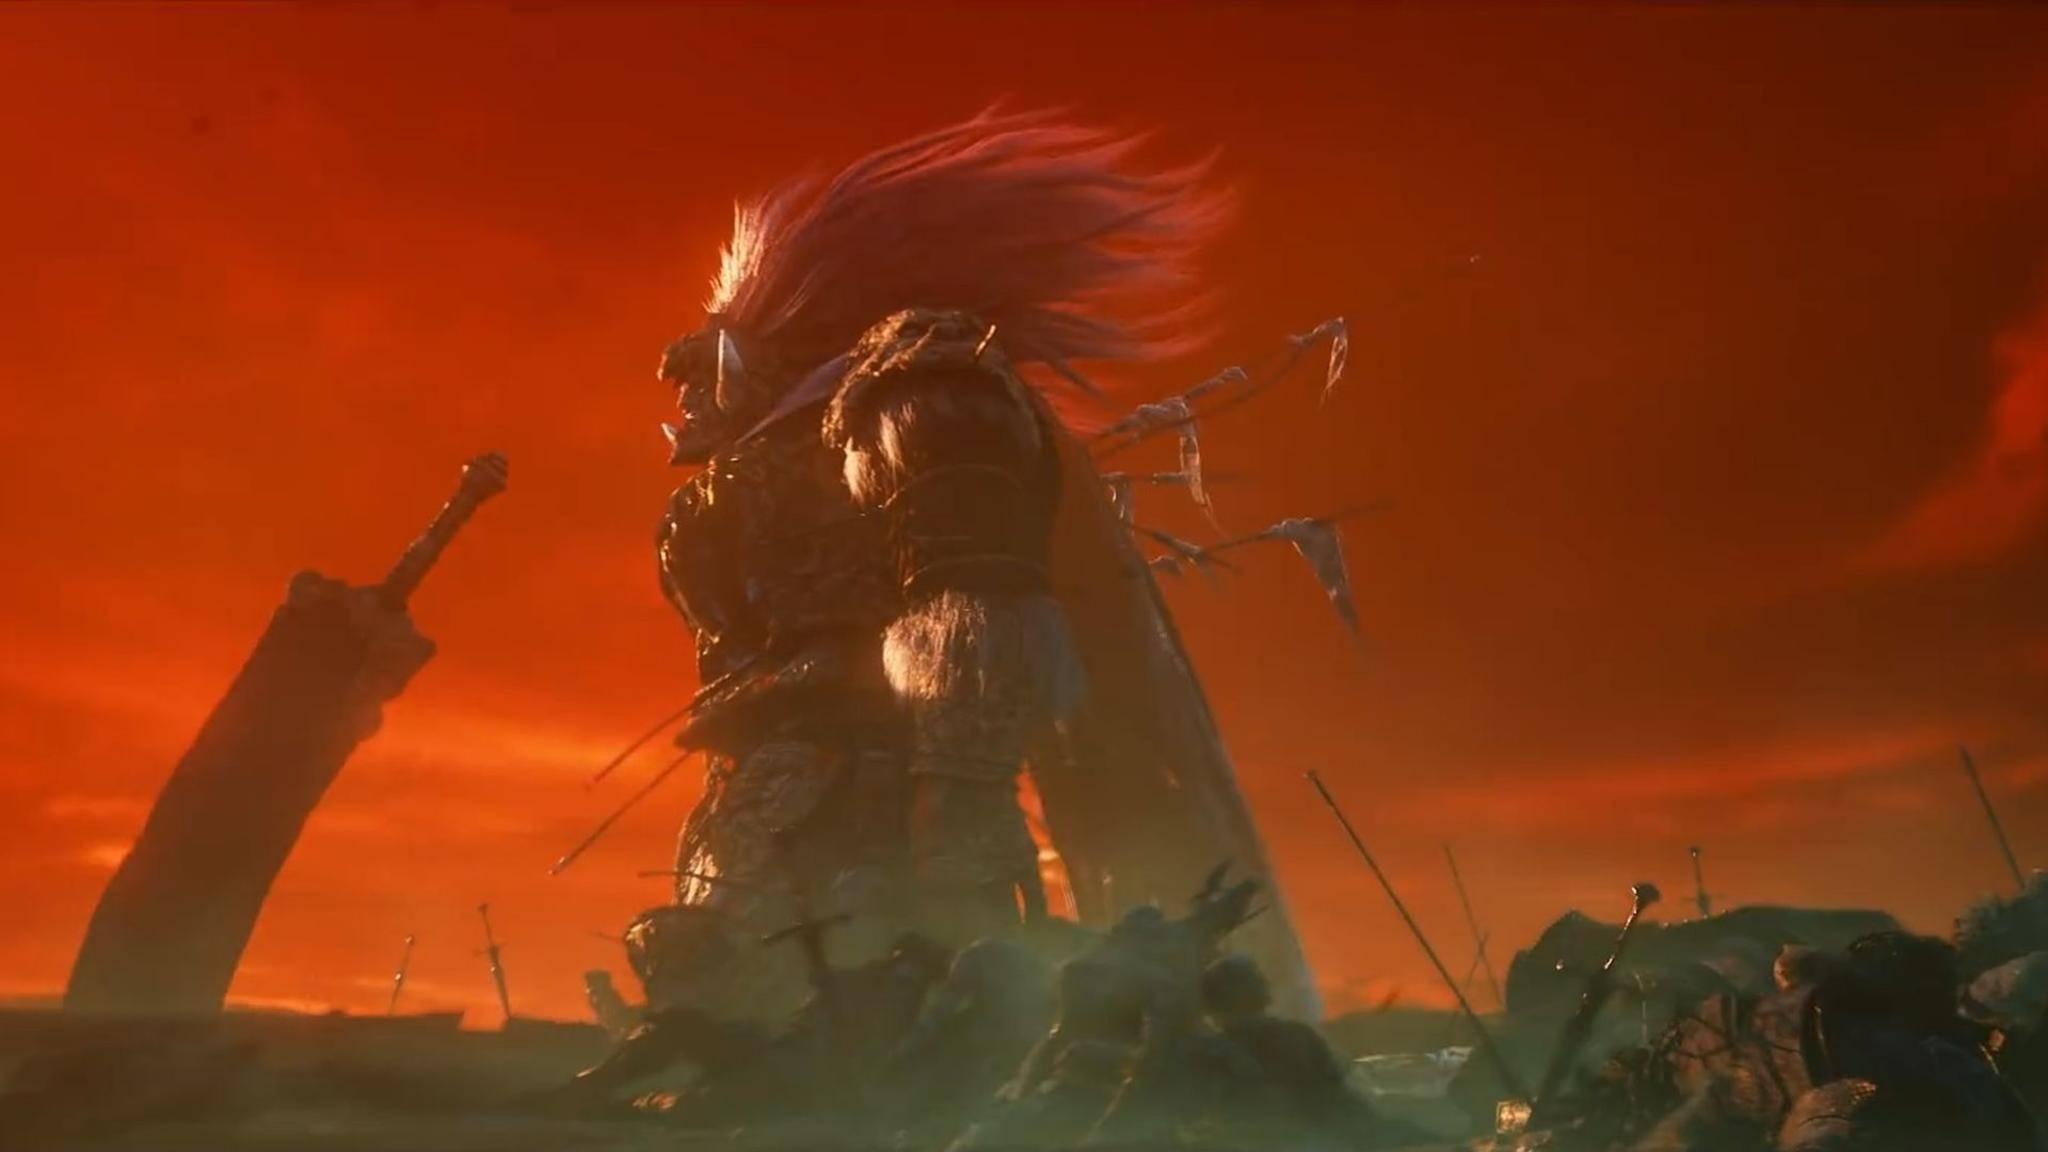 """Wer """"Dark Souls III"""" gespielt hat, kriegt bei diesem Bild von """"Elden Ring"""" sicher schlimme Flashbacks vom Namenlosen König."""